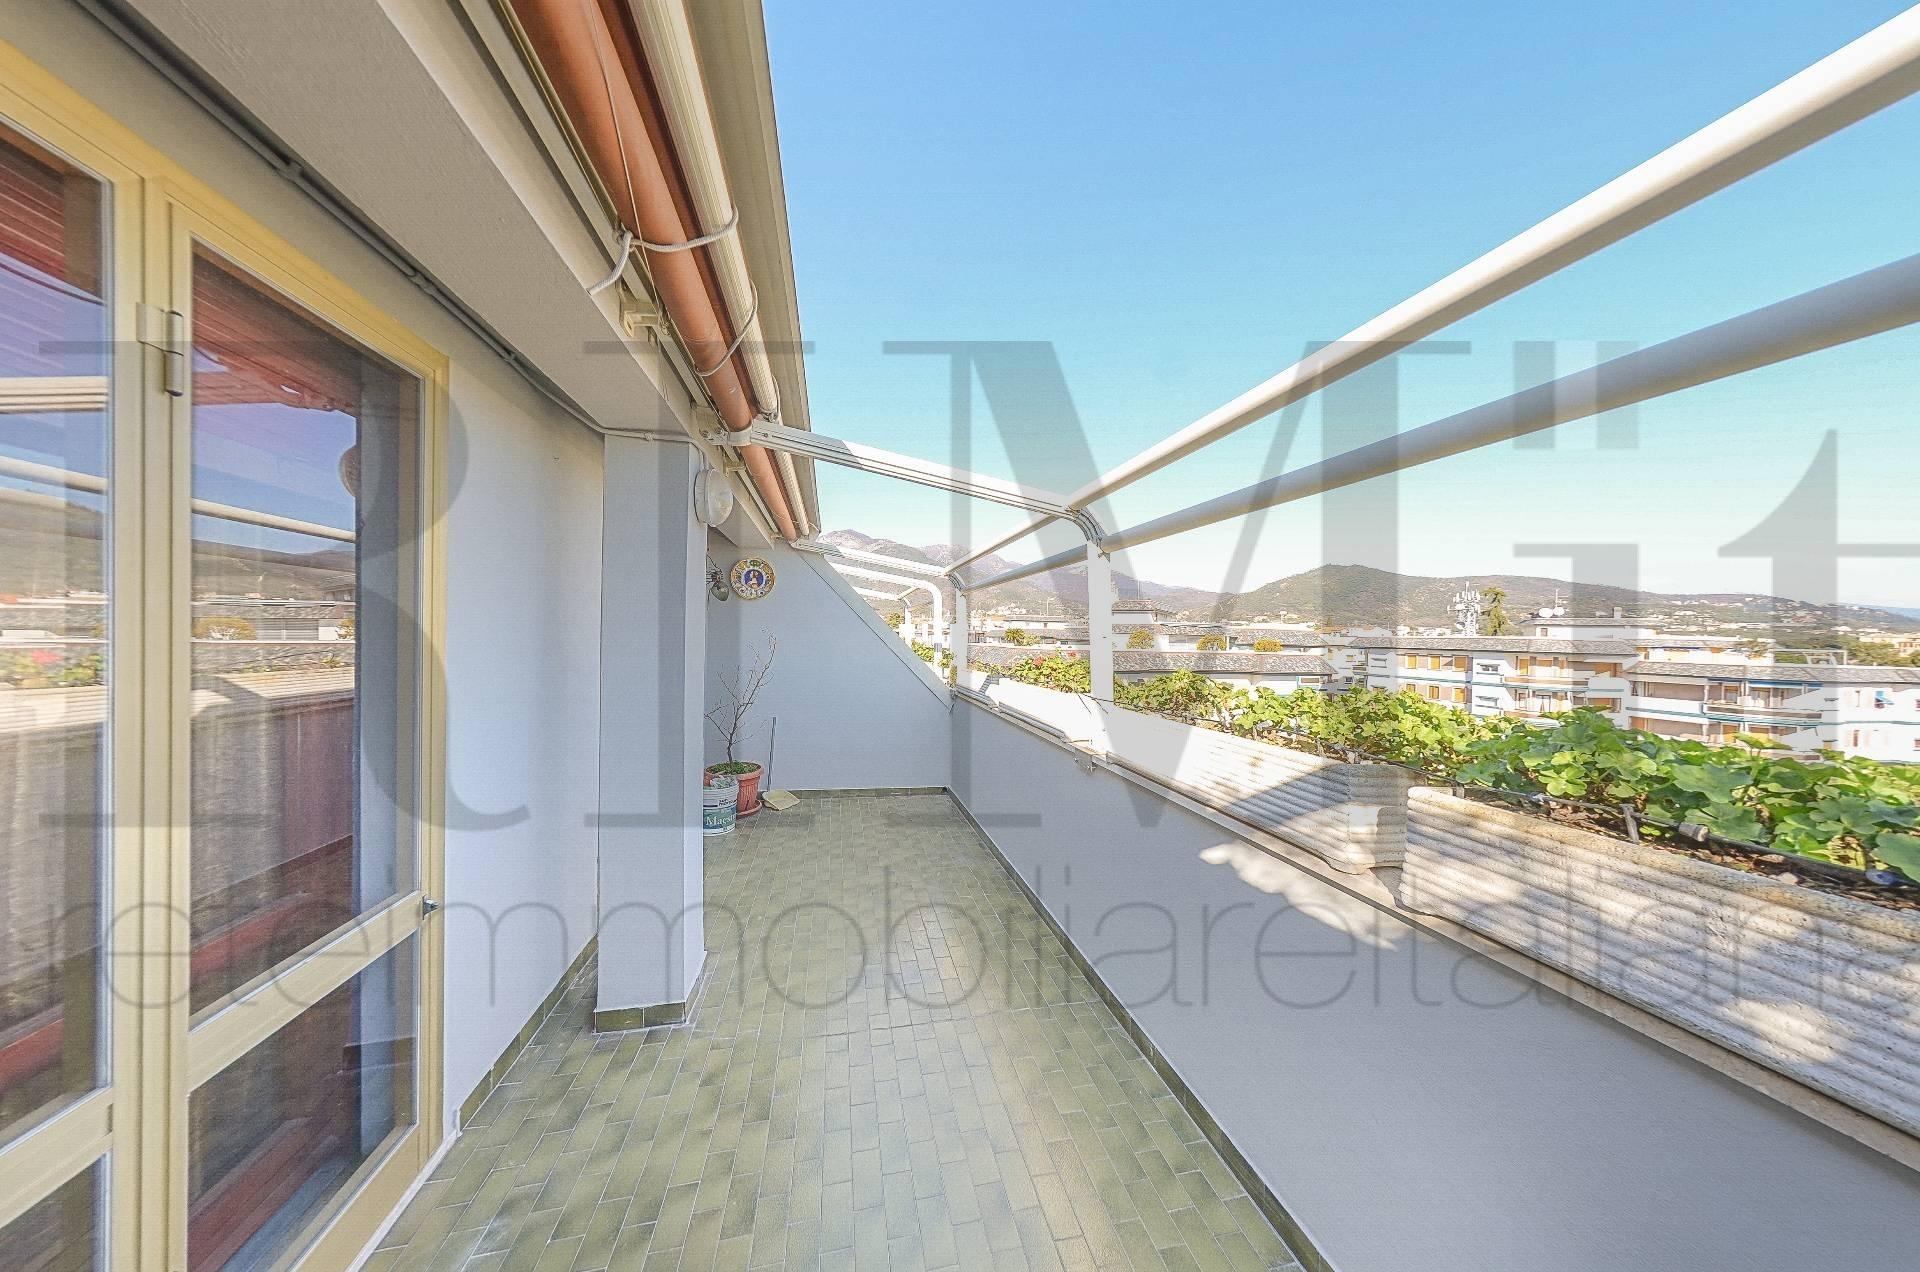 Appartamento in vendita a Loano, 3 locali, prezzo € 320.000 | CambioCasa.it